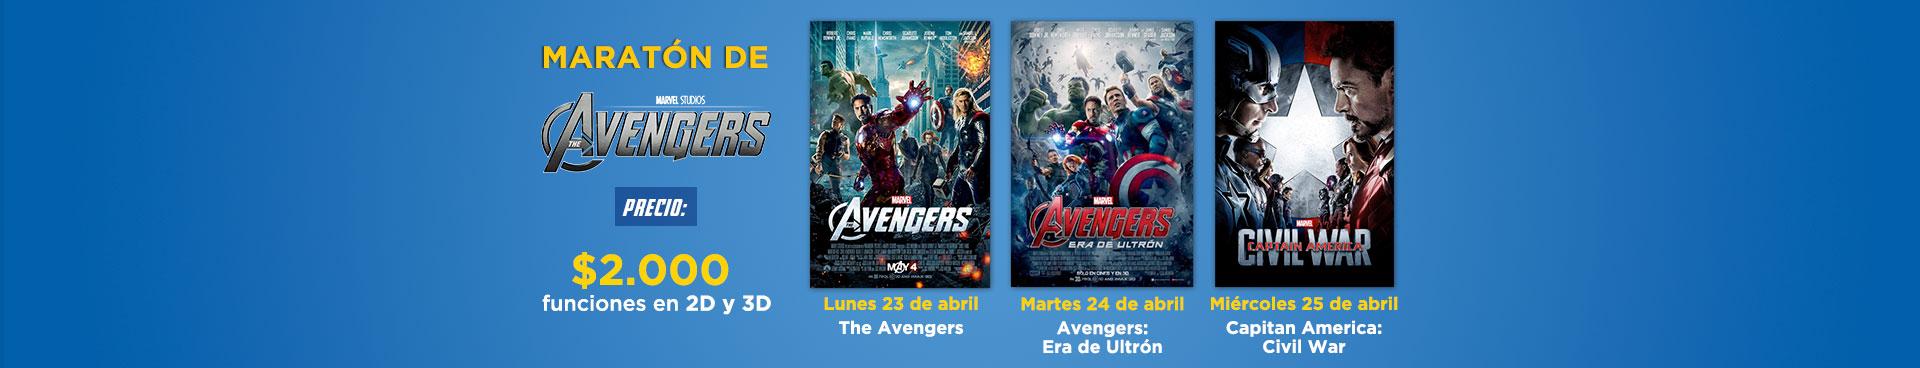 Marat}on avengers